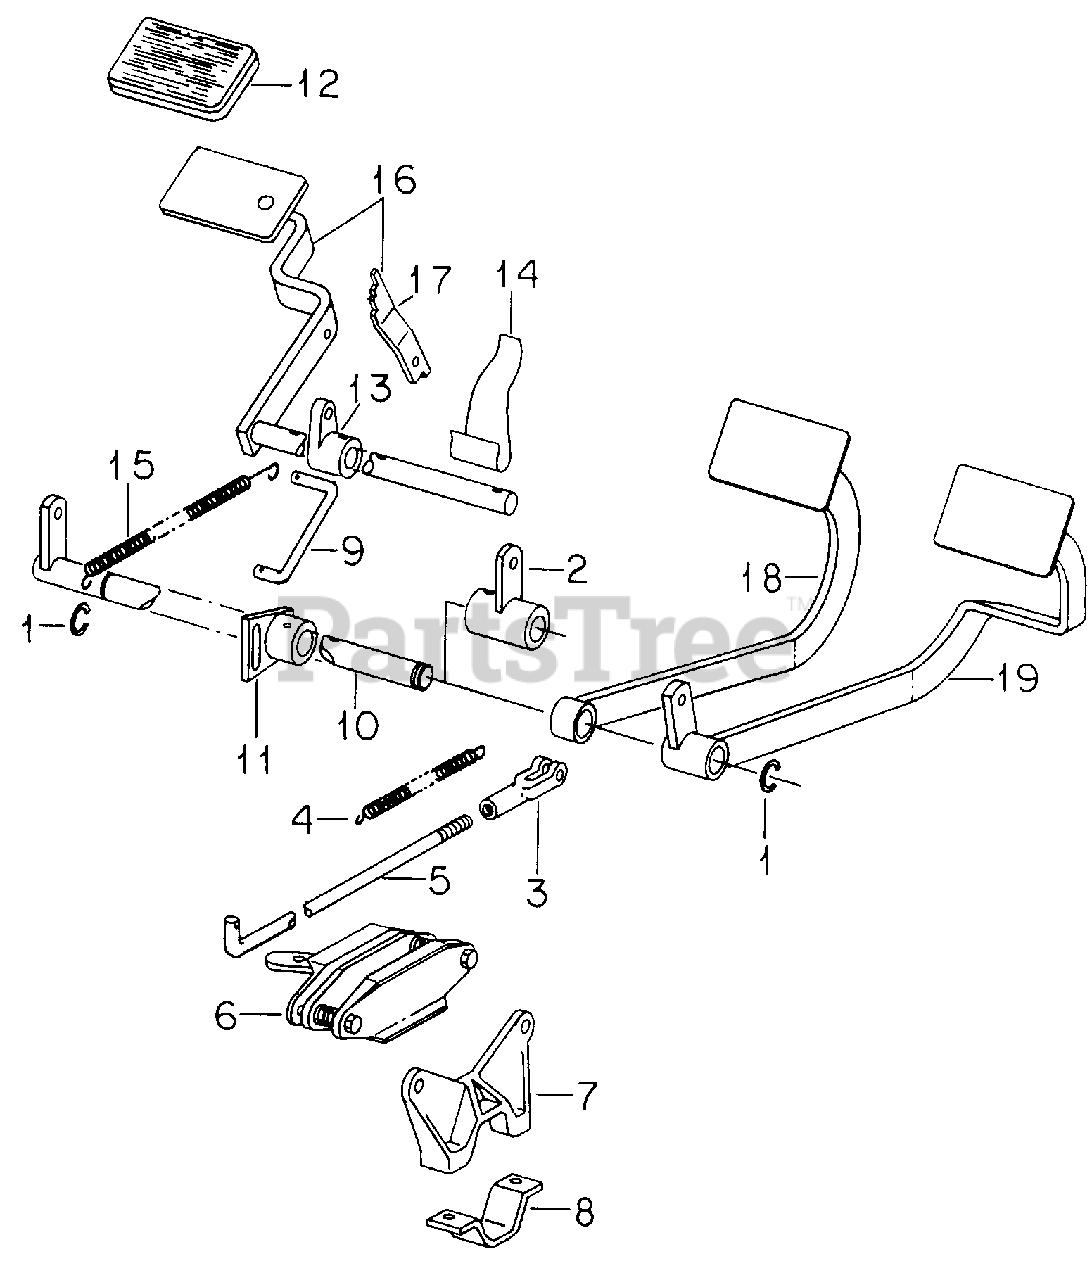 [DIAGRAM] Cub Cadet 129 Parts Diagram FULL Version HD